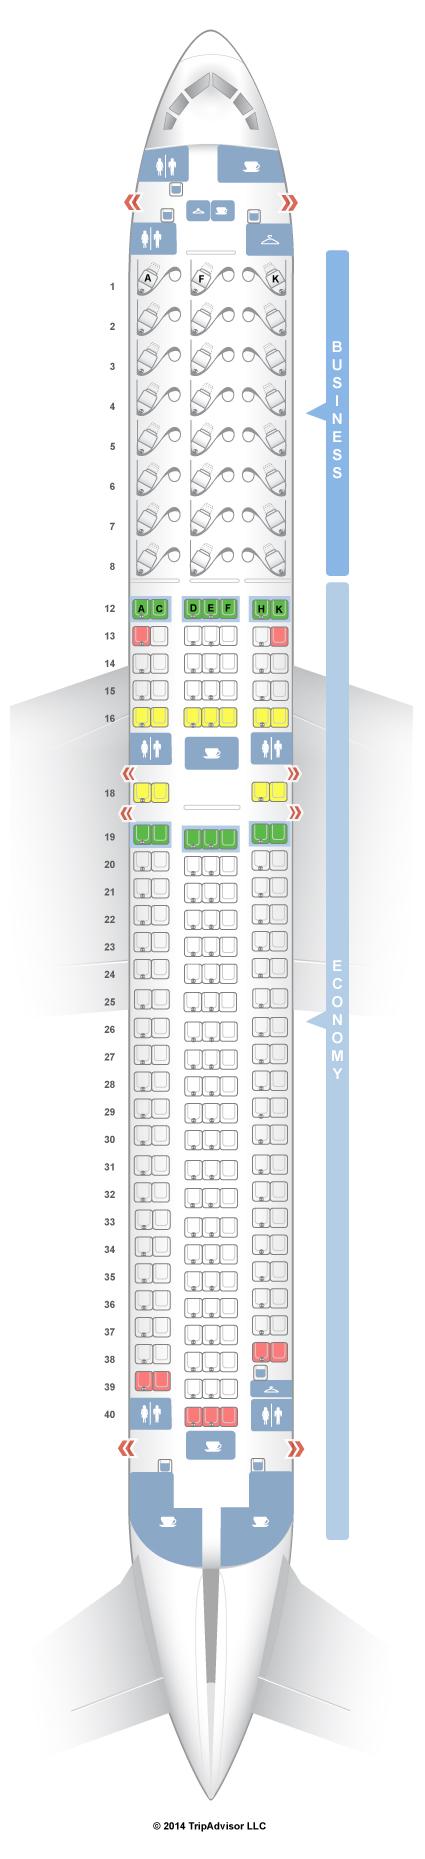 Seatguru seat map air canada boeing er  also flight rh pinterest